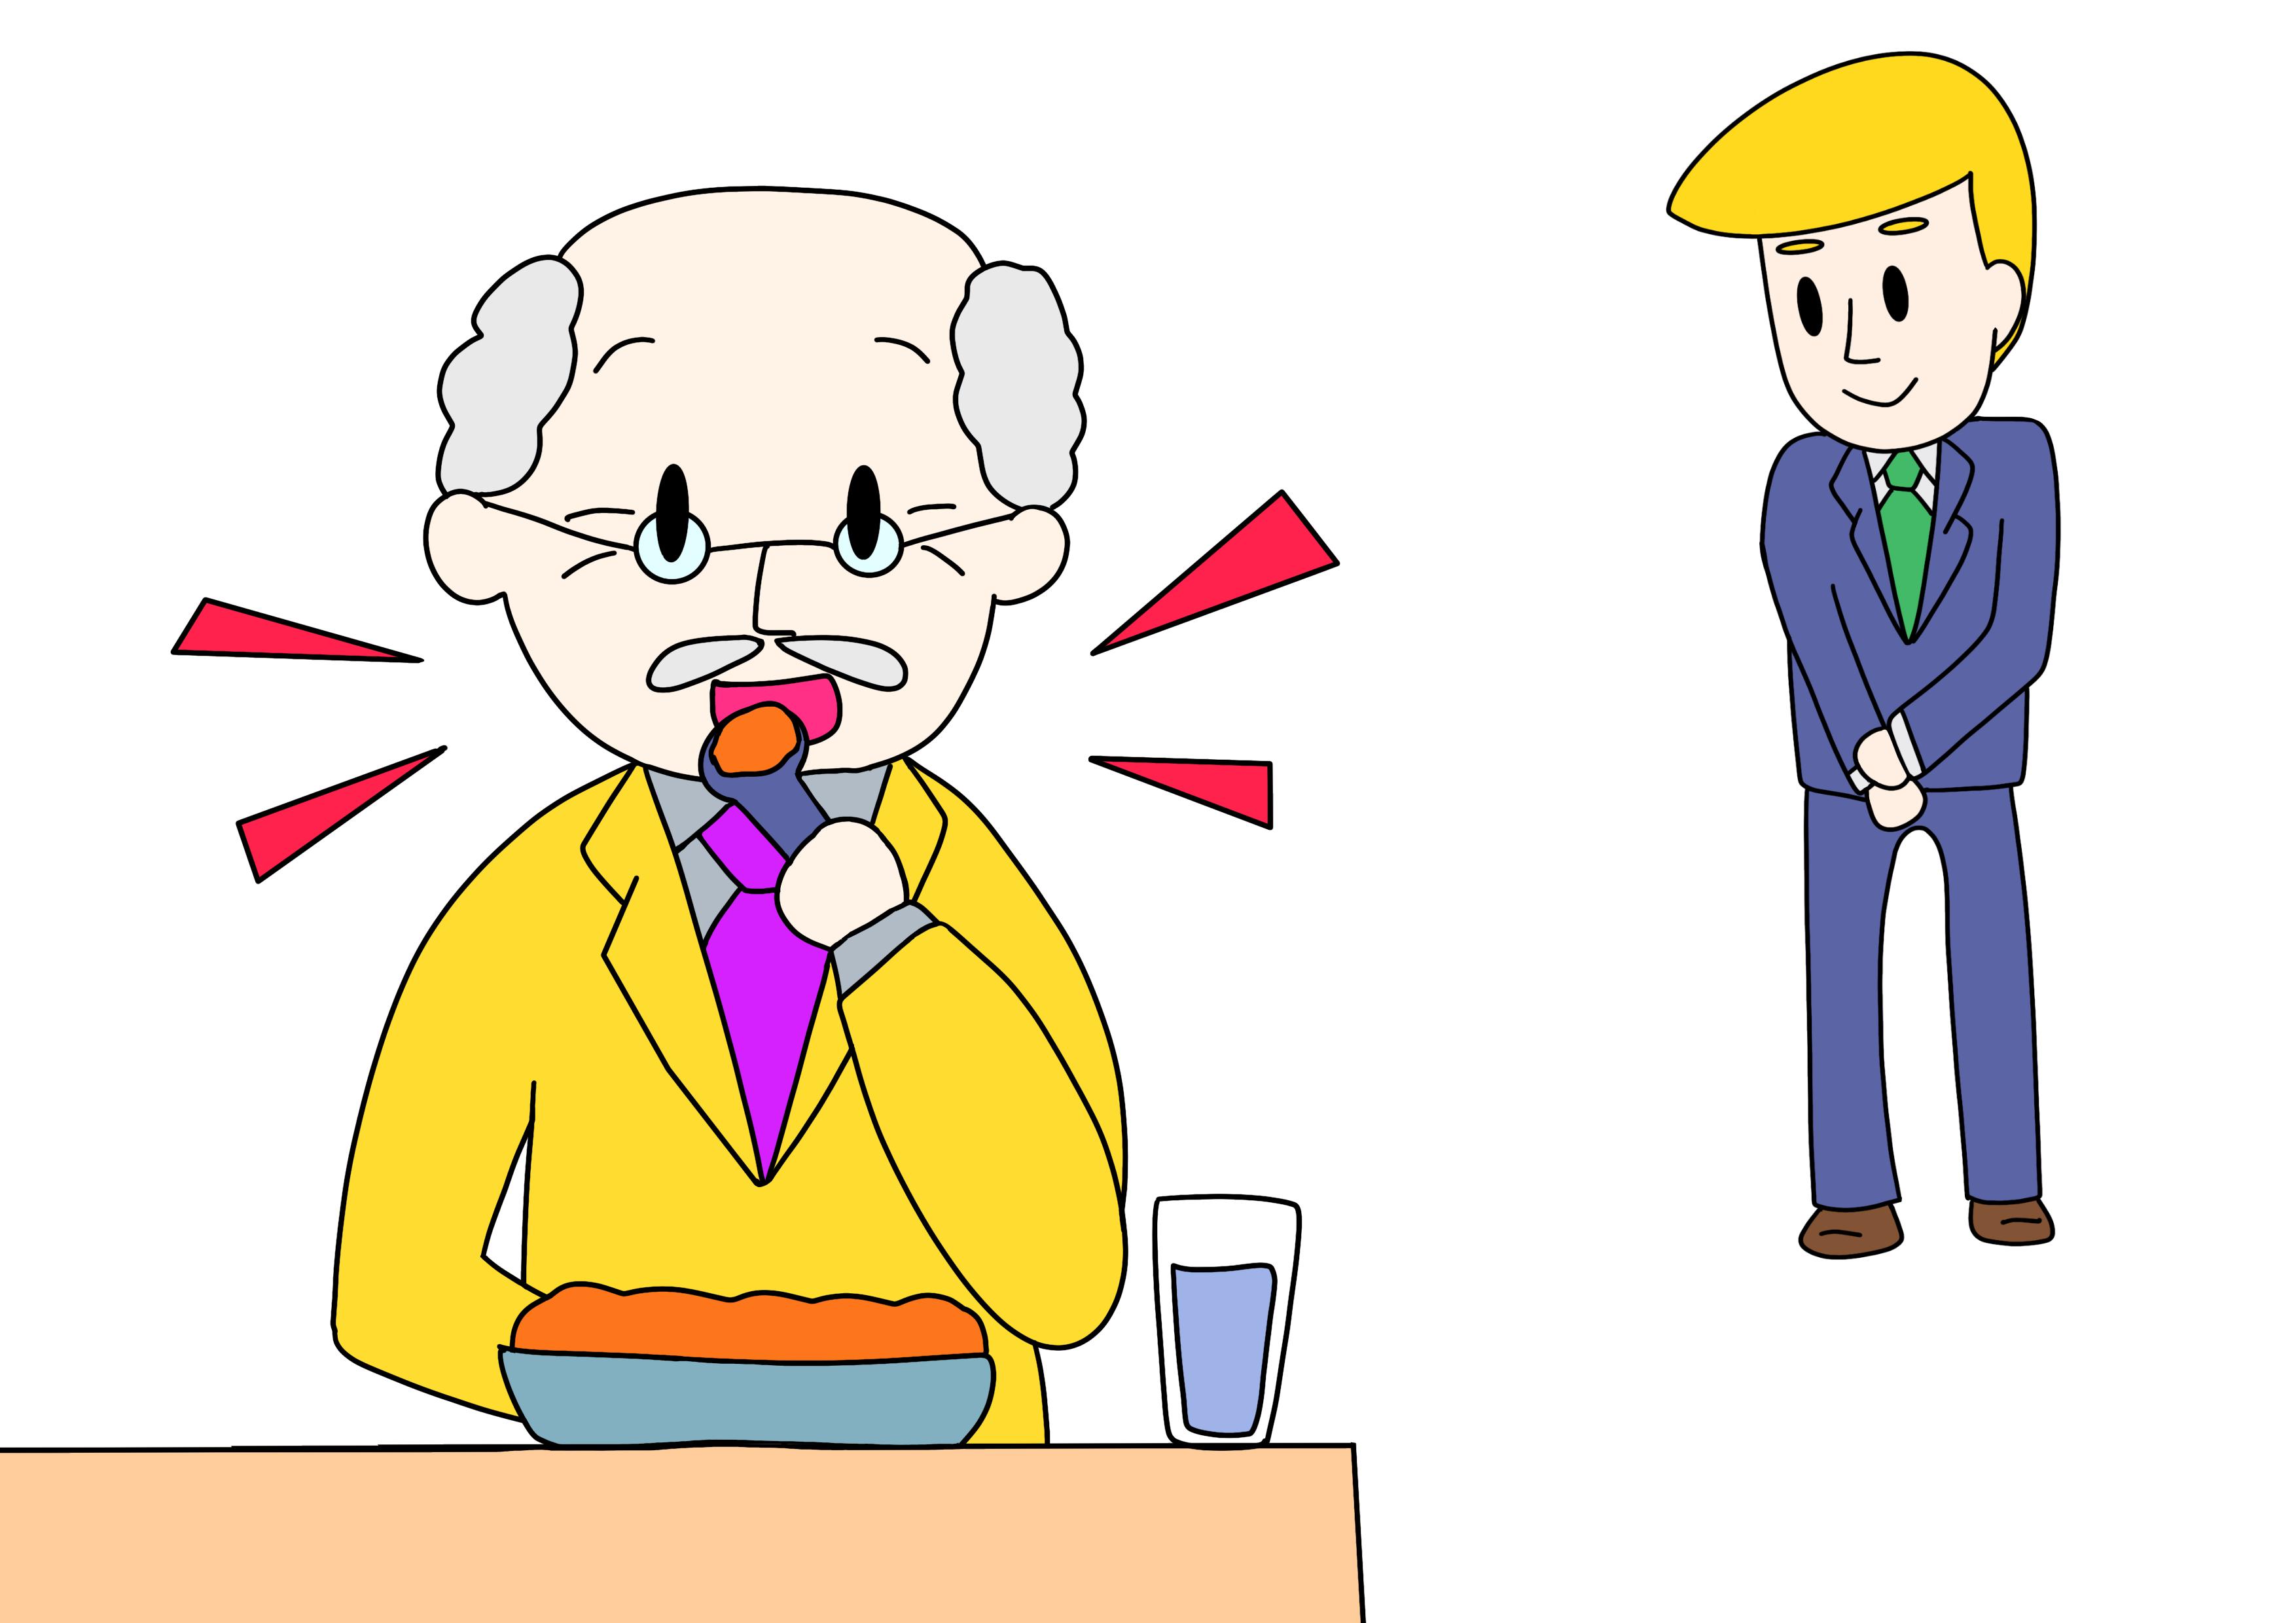 49課イラスト【社長が召し上がる】